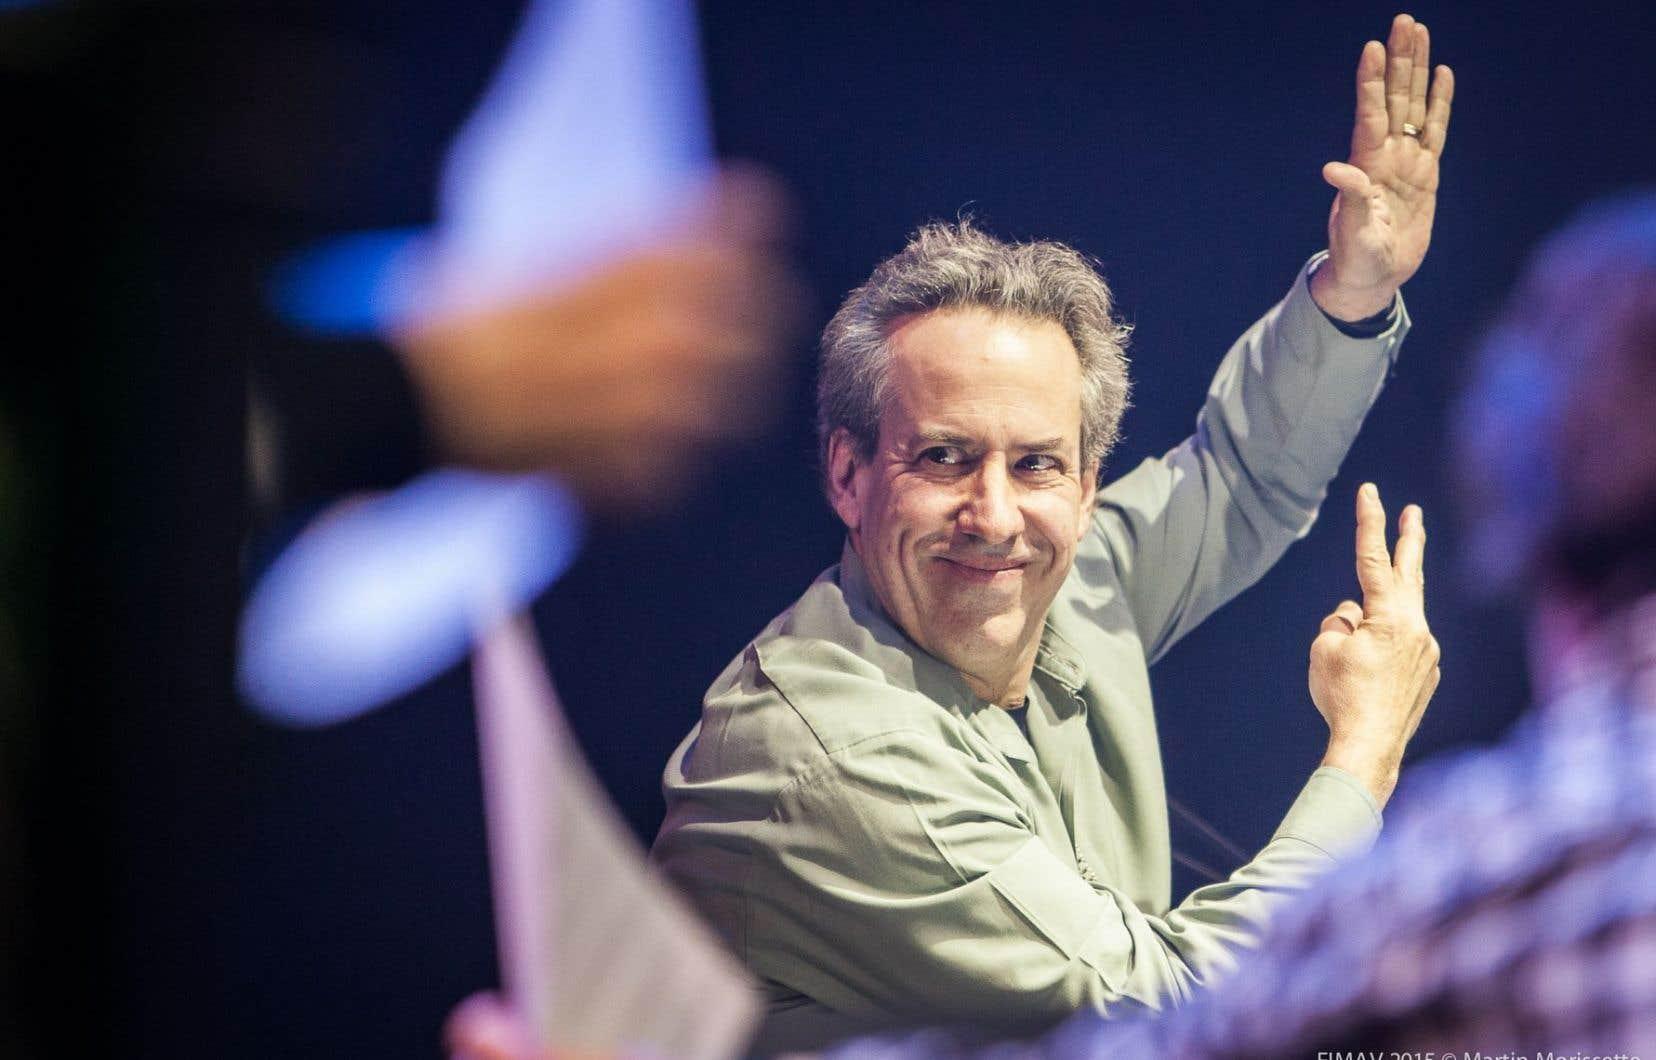 Le sourire contagieux du compositeur et multi-instrumentiste Jean Derome, venu débuter son Année Jean Deromeavec Résistances.